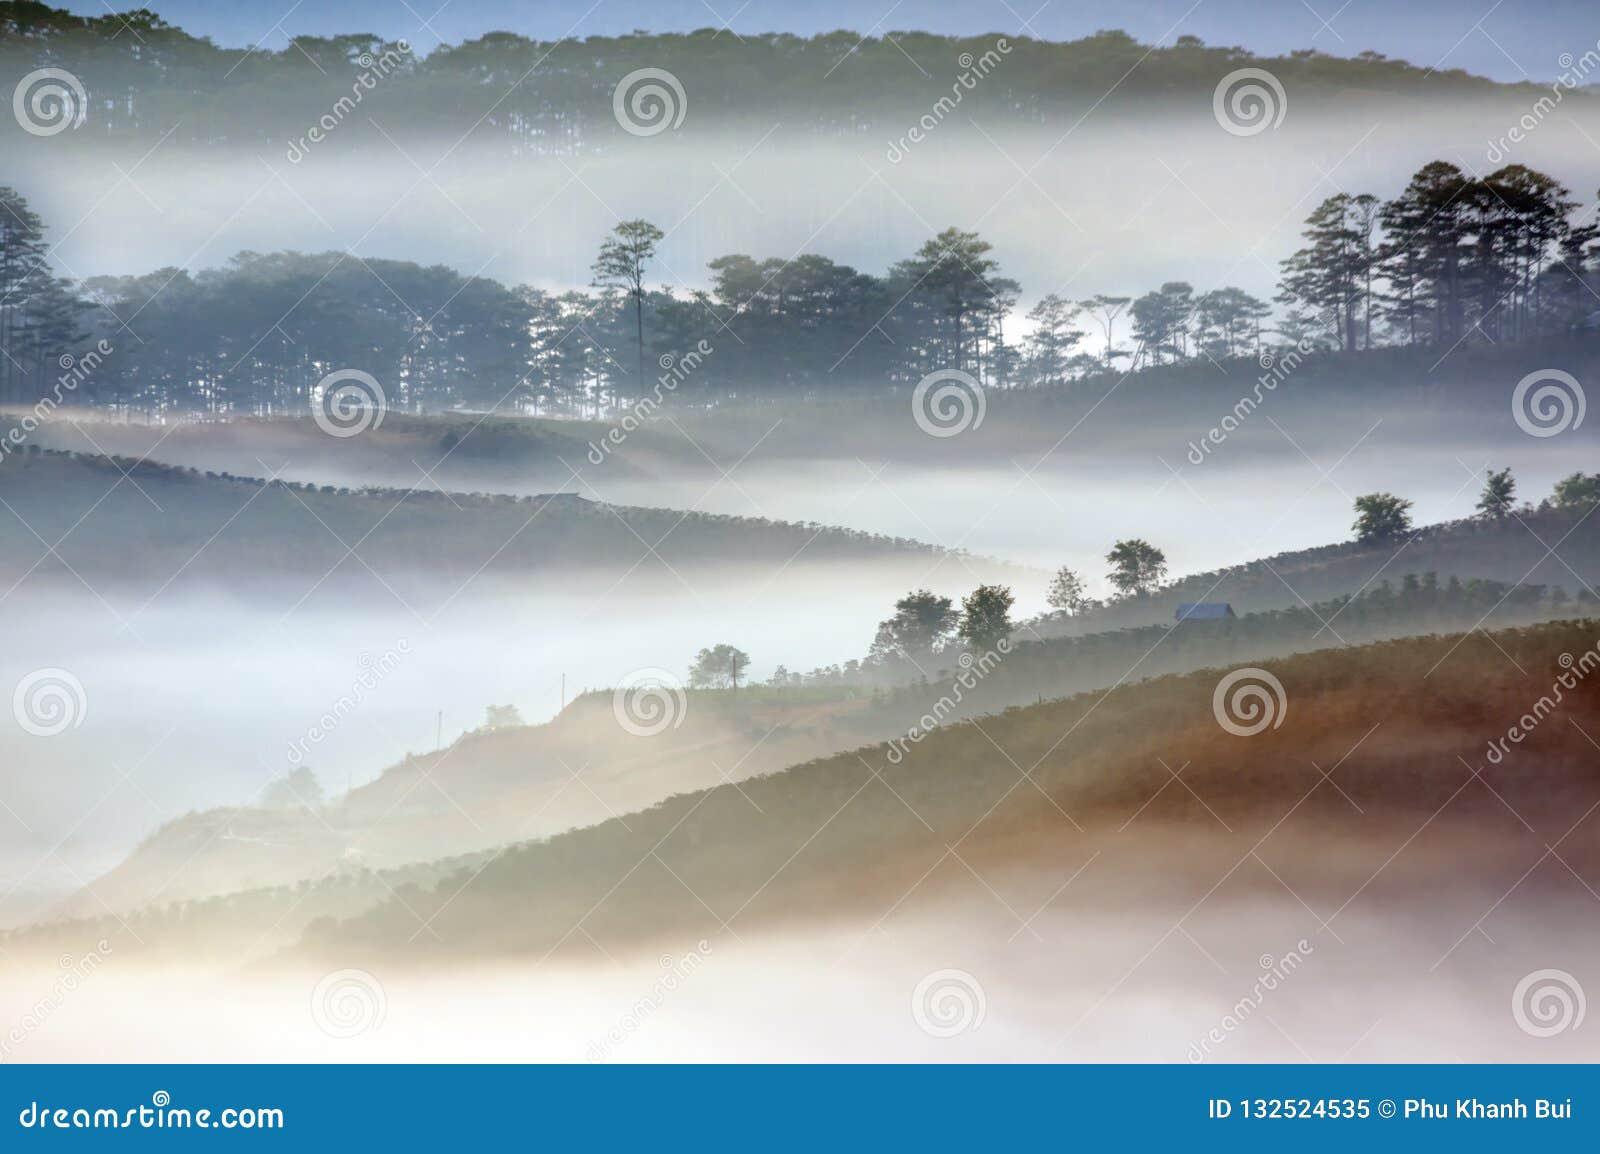 Καλύτερες πανόραμα και εικόνα του τοπίου στο μικρό χωριό στην κοιλάδα στο μέρος 2 ανατολής